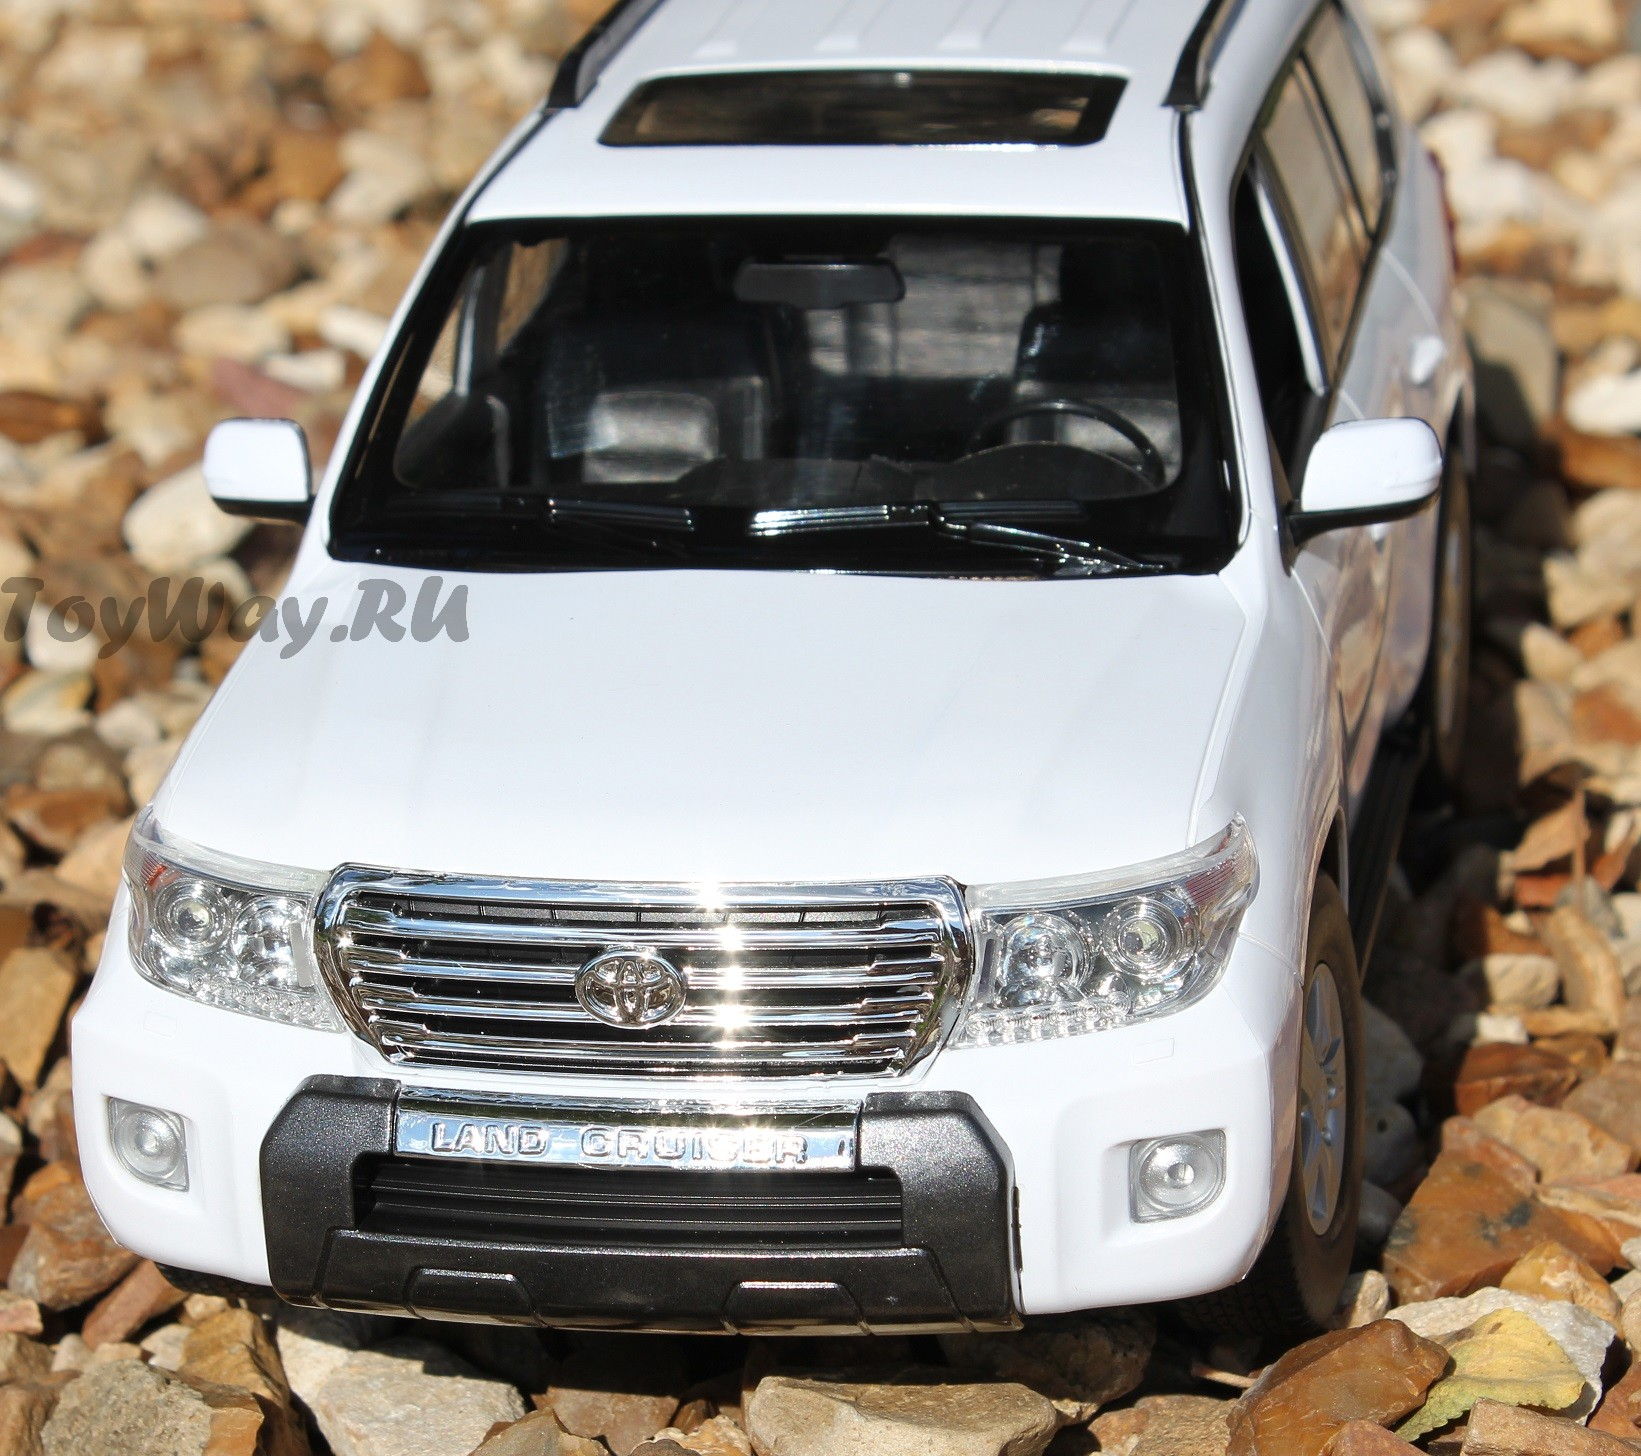 Land Cruiser 200 на радиоуправлении, масштаб 1:16Машины на р/у<br>Подарите своему ребенку машину Toyota Land Cruiser 200 на пульте дистанционного управления. Этот прекрасный подарок станет его любимой игрушкой. Пре...<br>